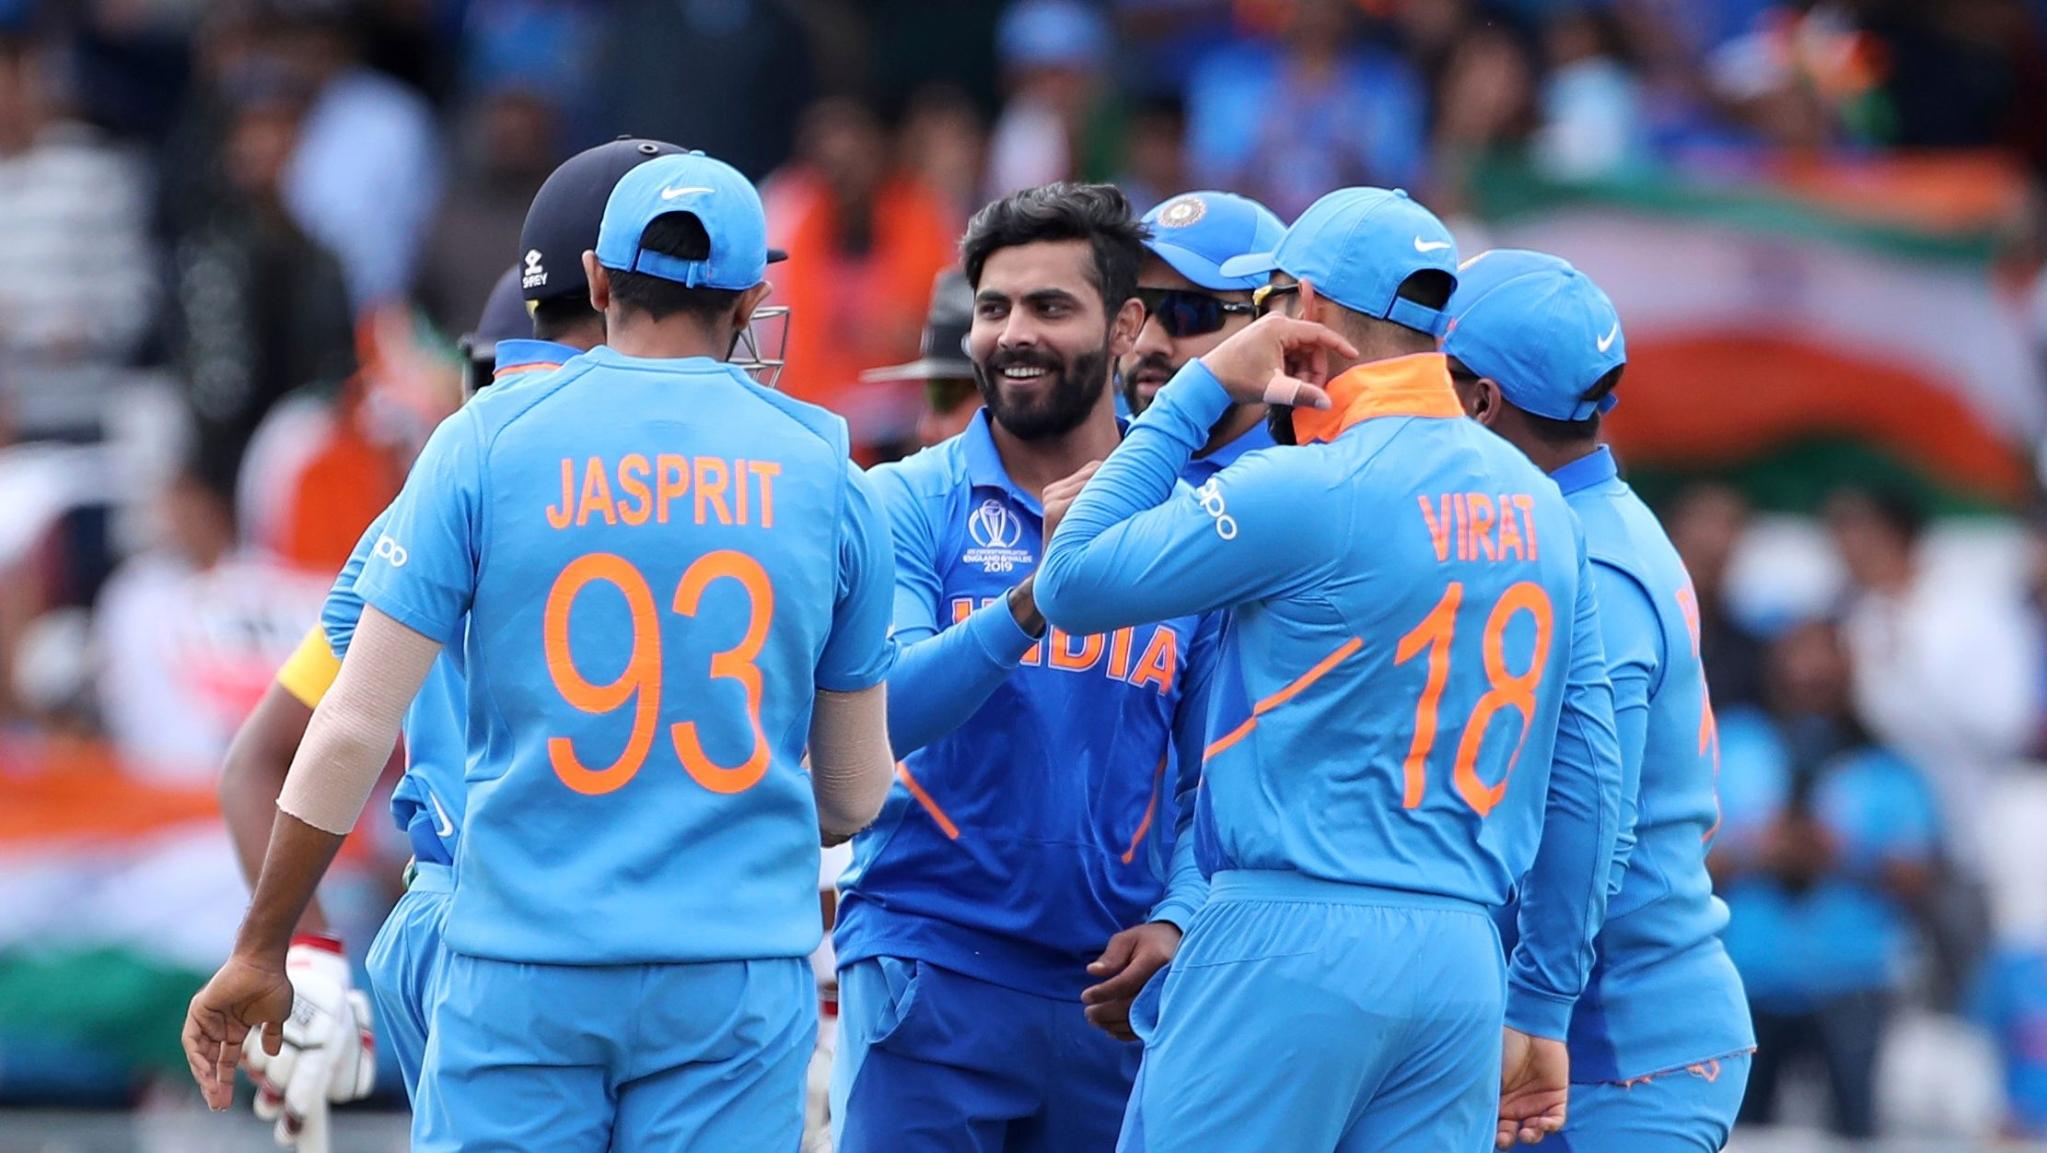 Jadeja Picks Wicket, Manjrekar Commentates and Twitter Reacts